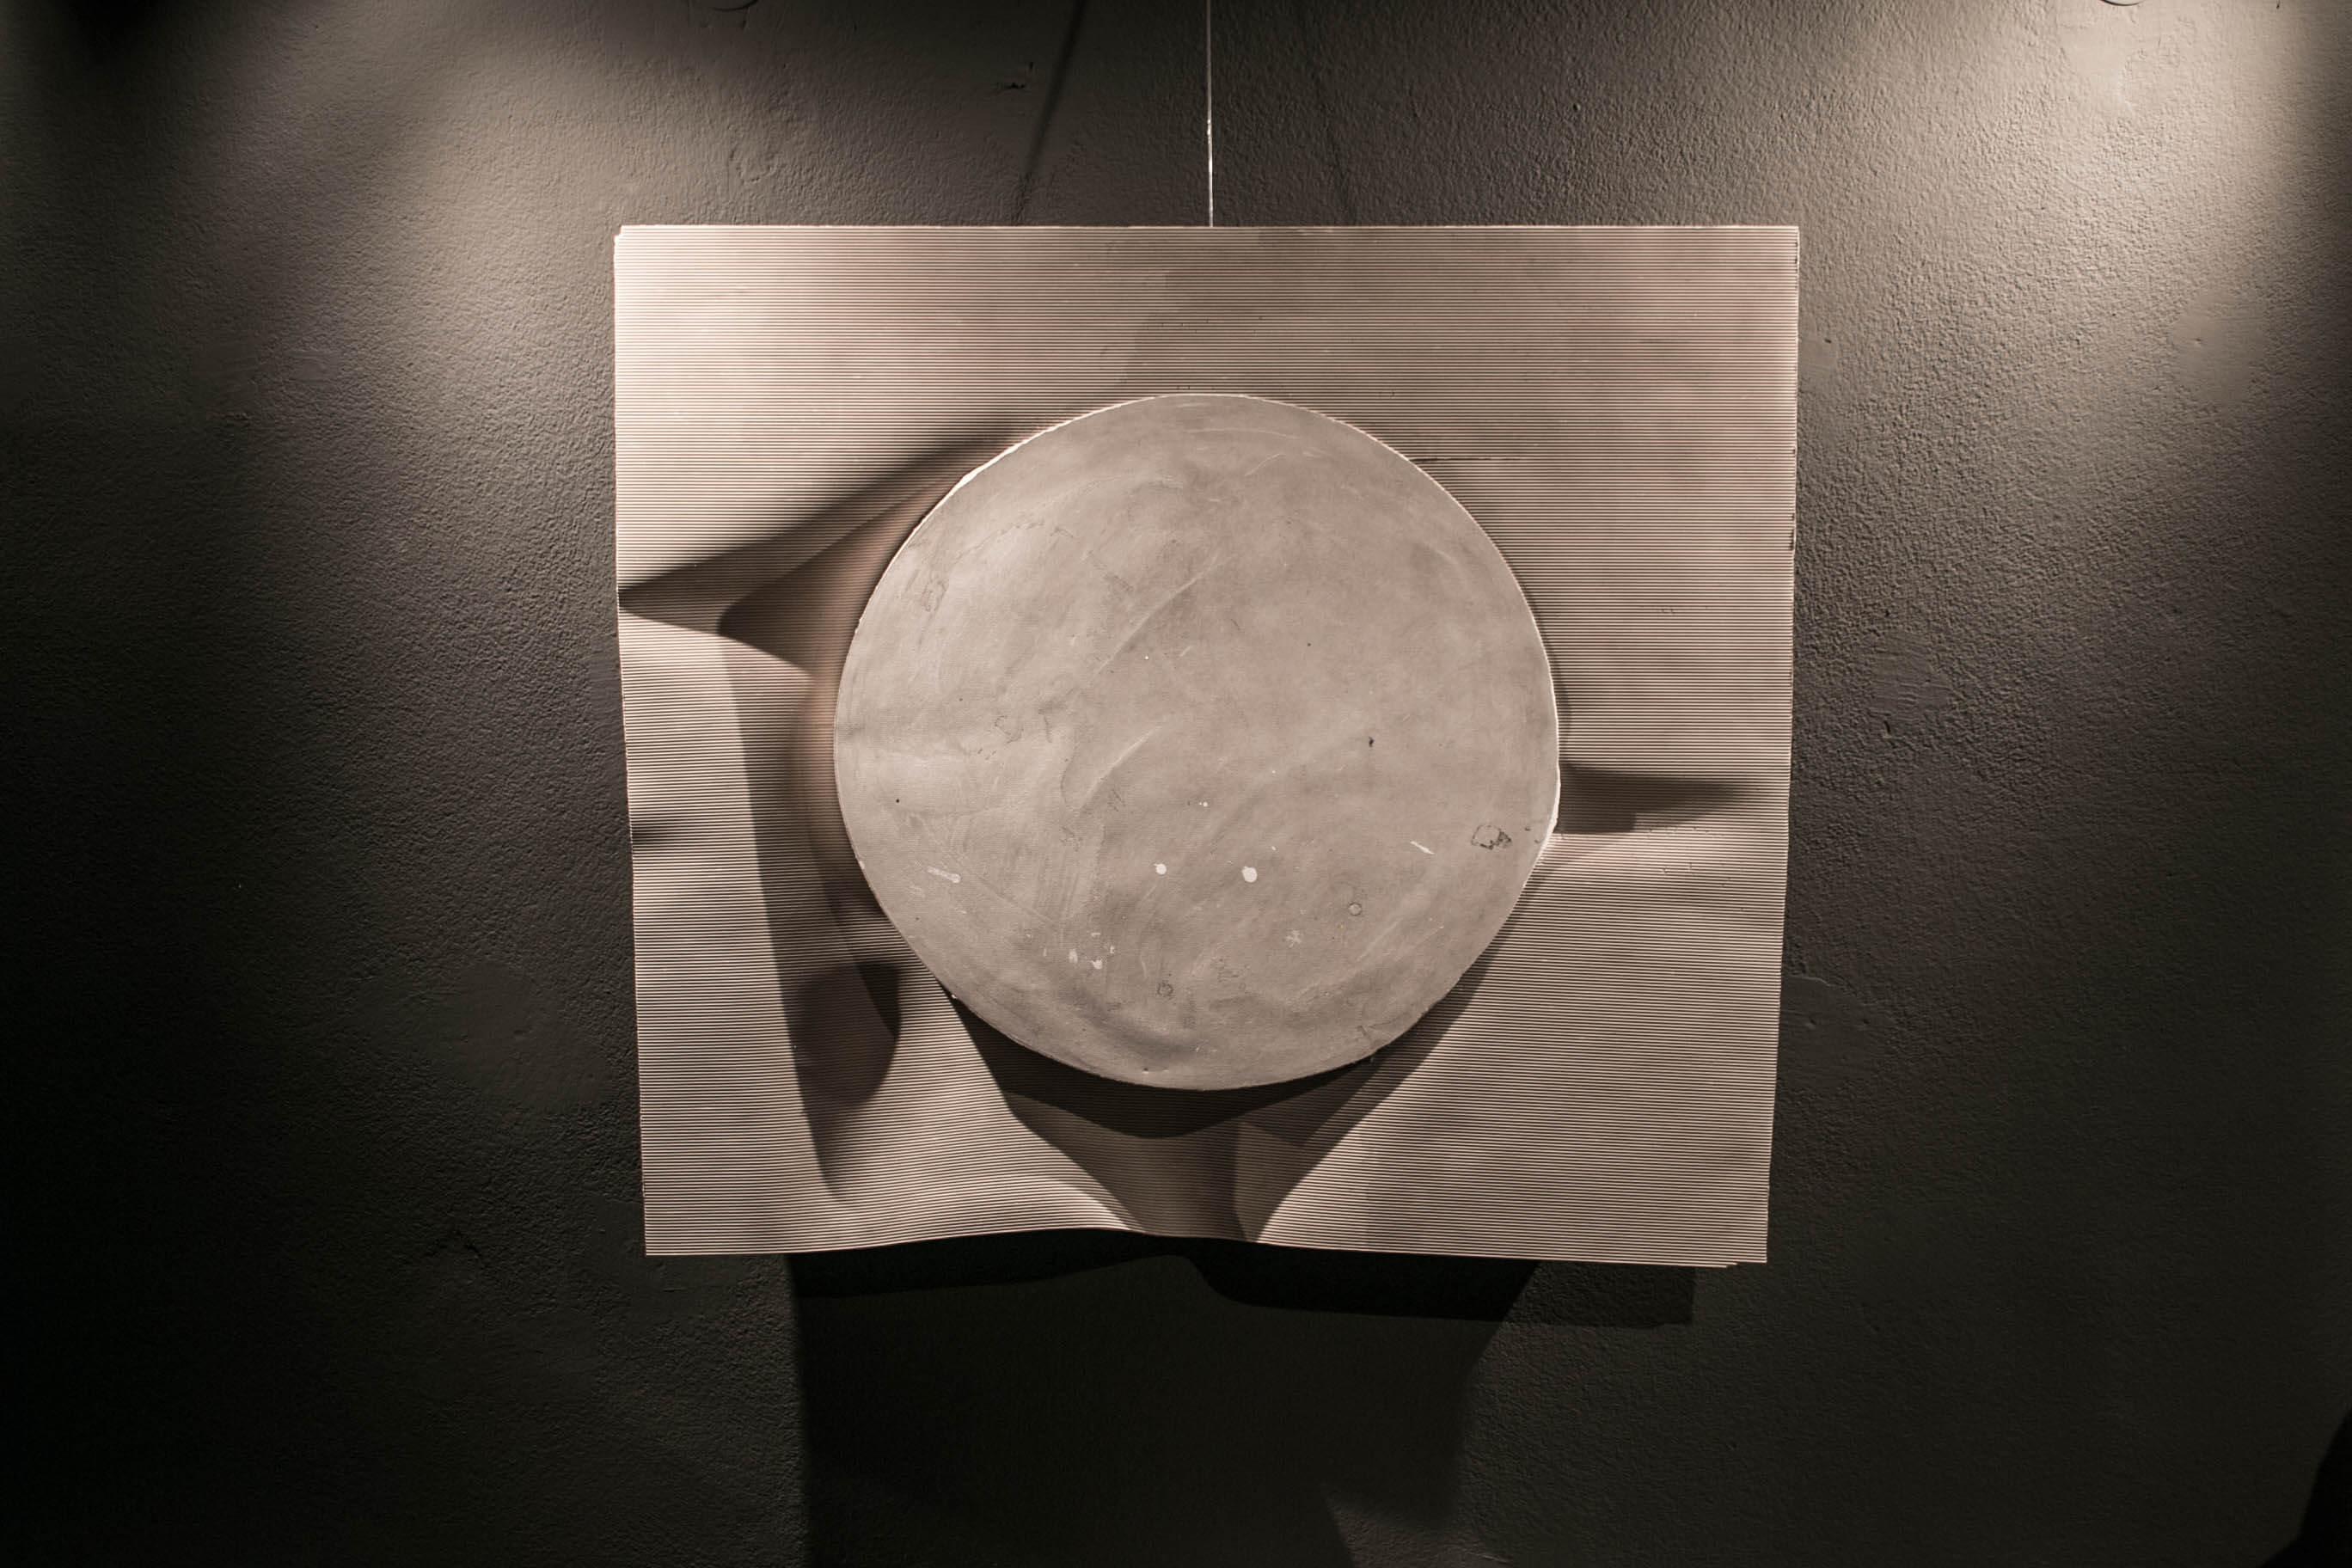 contempory_Meenan_art_relief_sculpture_IMG_2449.jpg